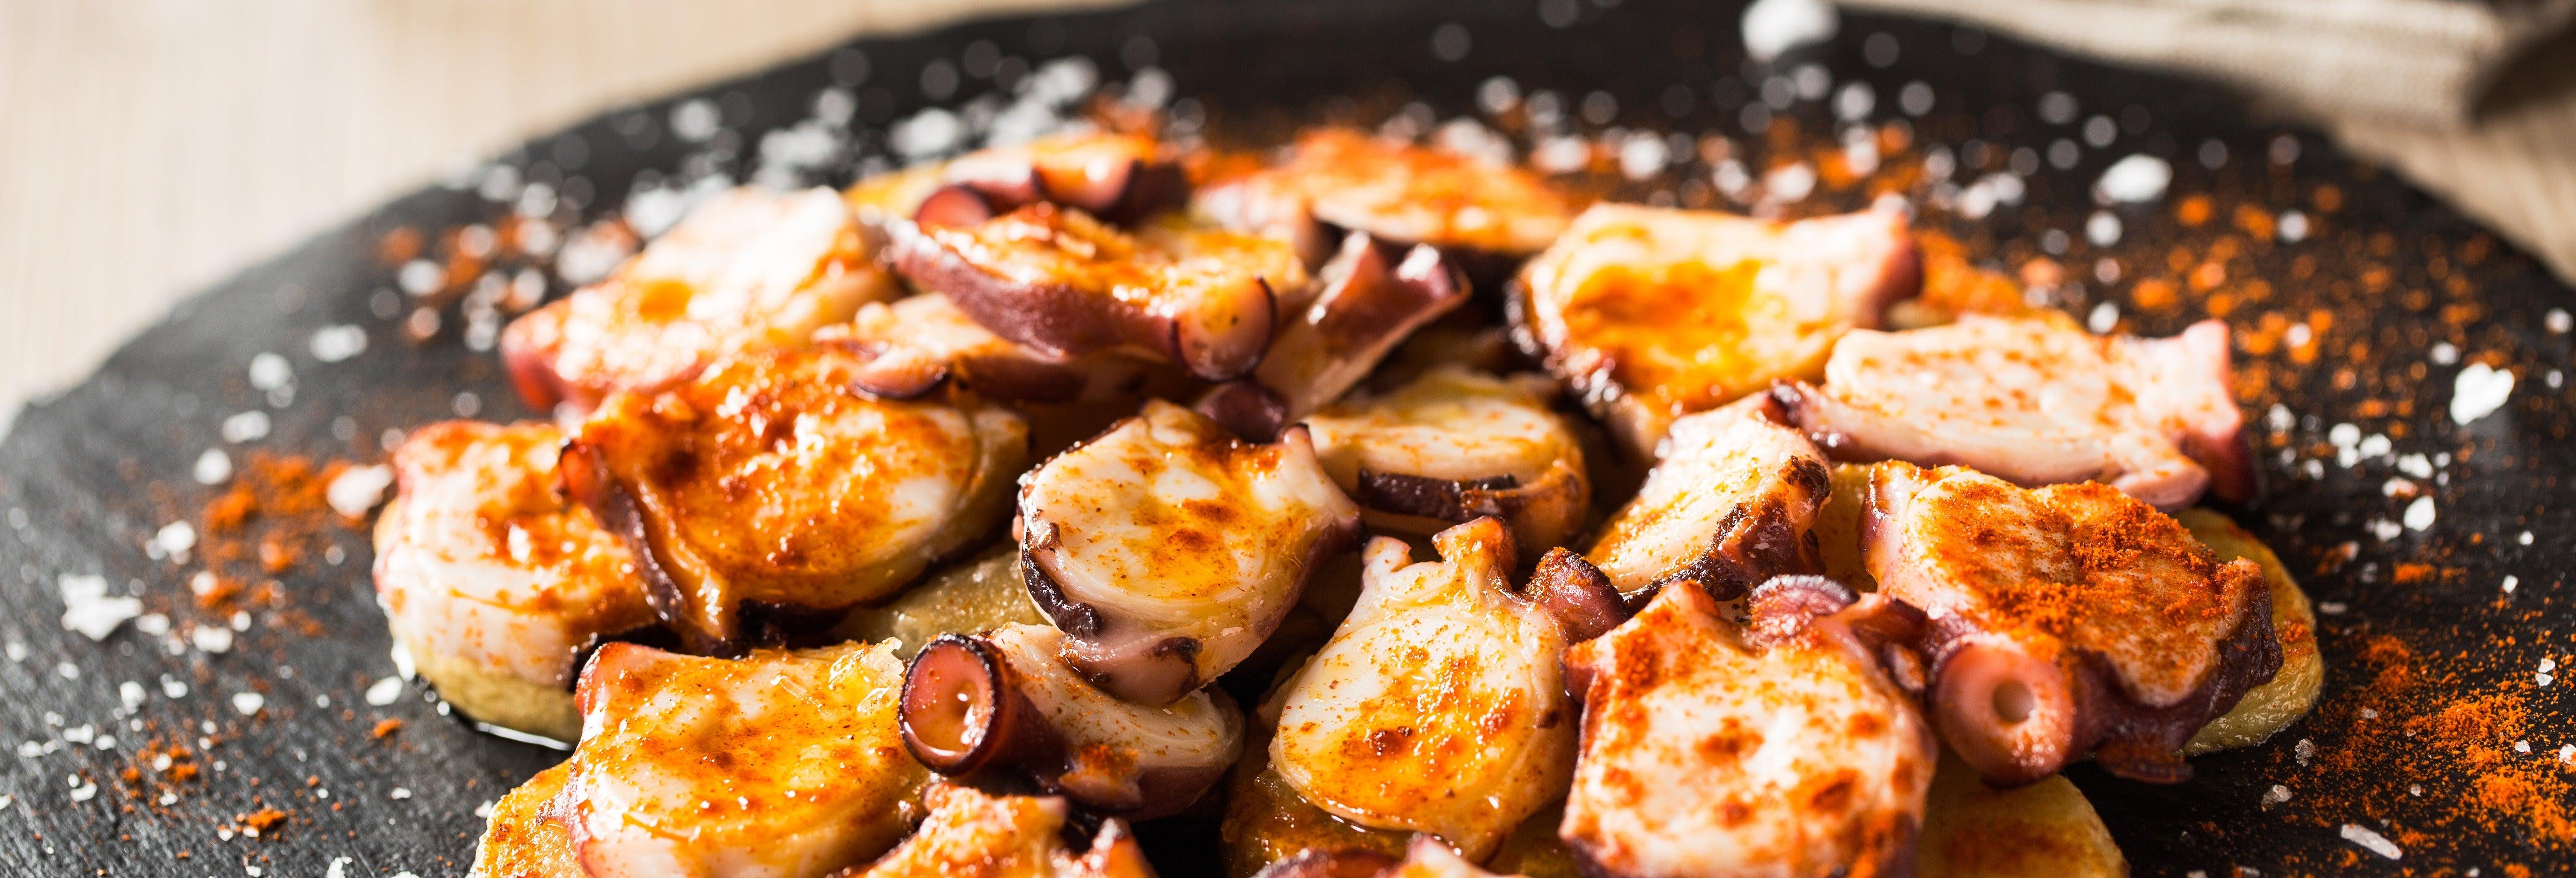 Food Tour of Santiago de Compostela